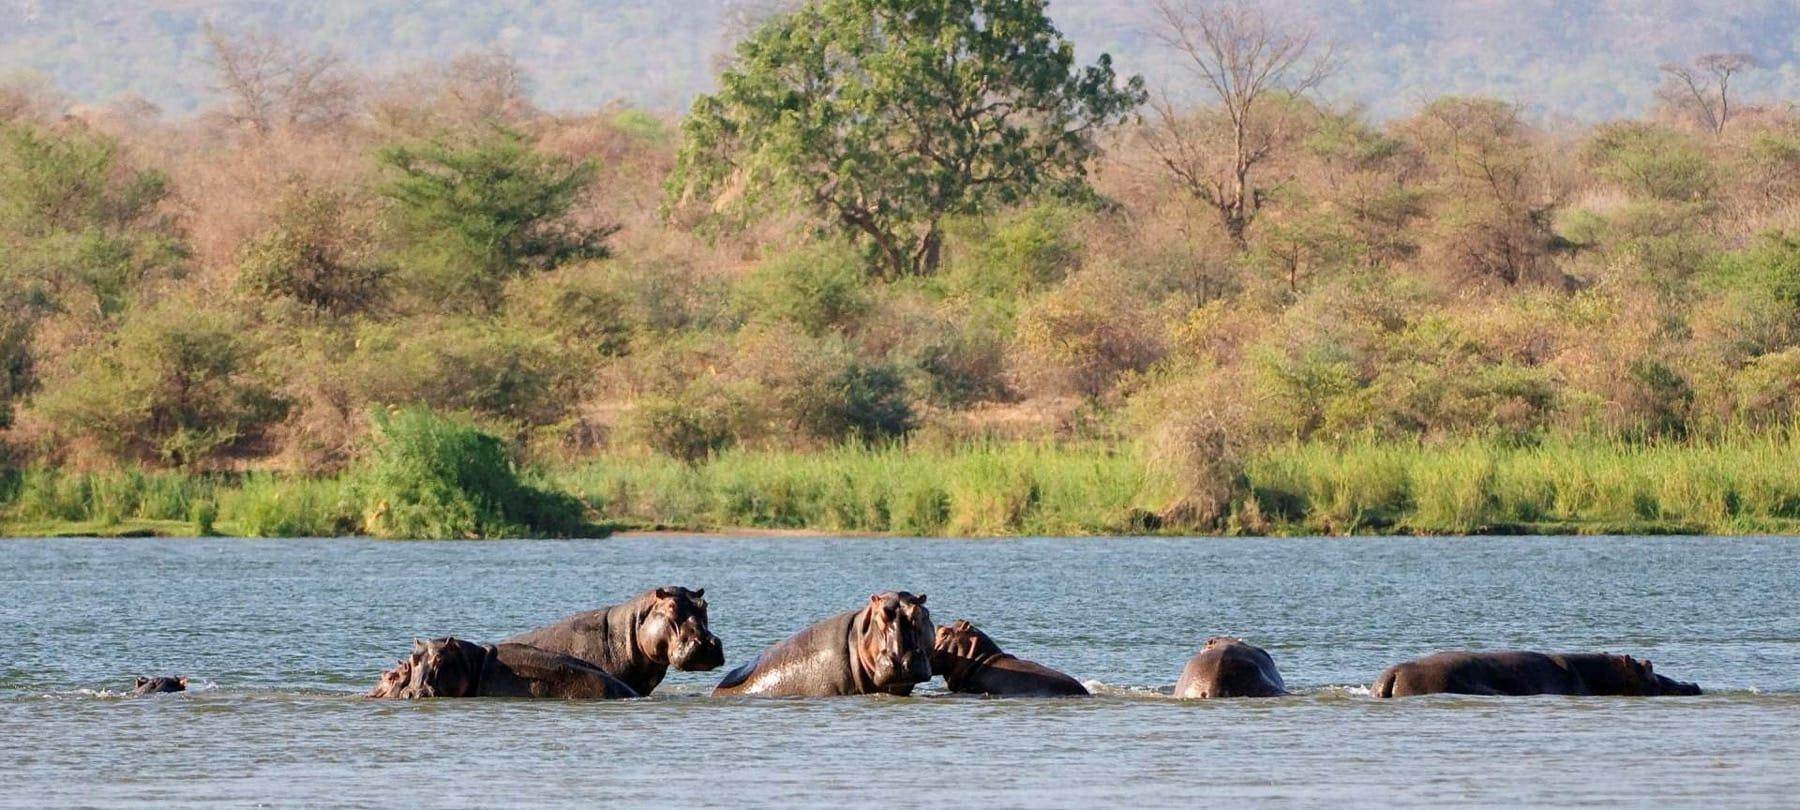 hippos zambezi